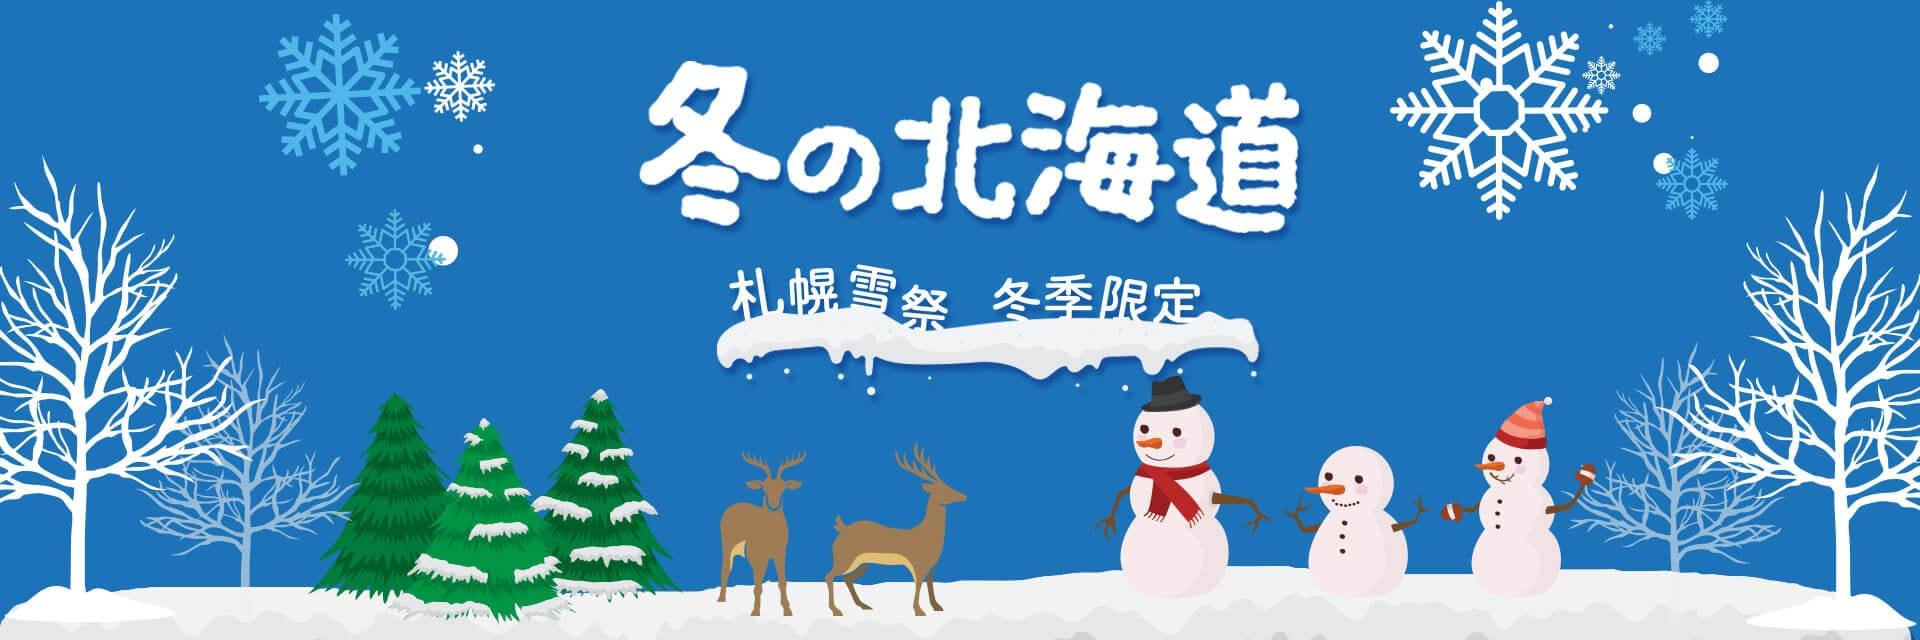 北海道,冬季,札幌雪祭